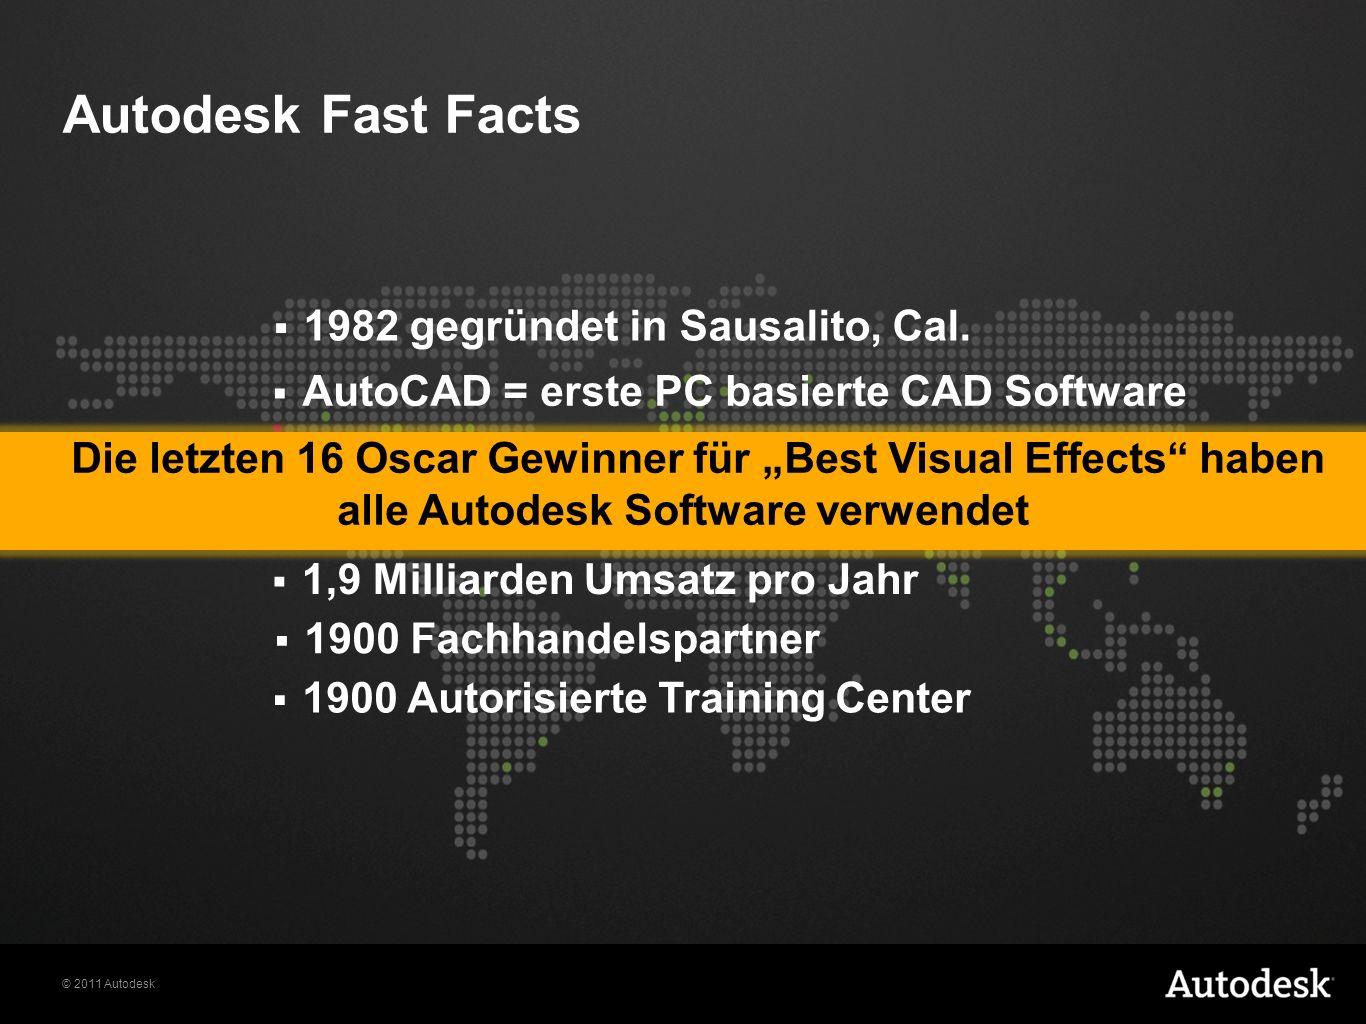 © 2011 Autodesk Autodesk Fast Facts 7000 Mitarbeiter an 95 Standorten weltweit + 9 Millionen kommerzielle Anwender 1,9 Milliarden Umsatz pro Jahr Auto